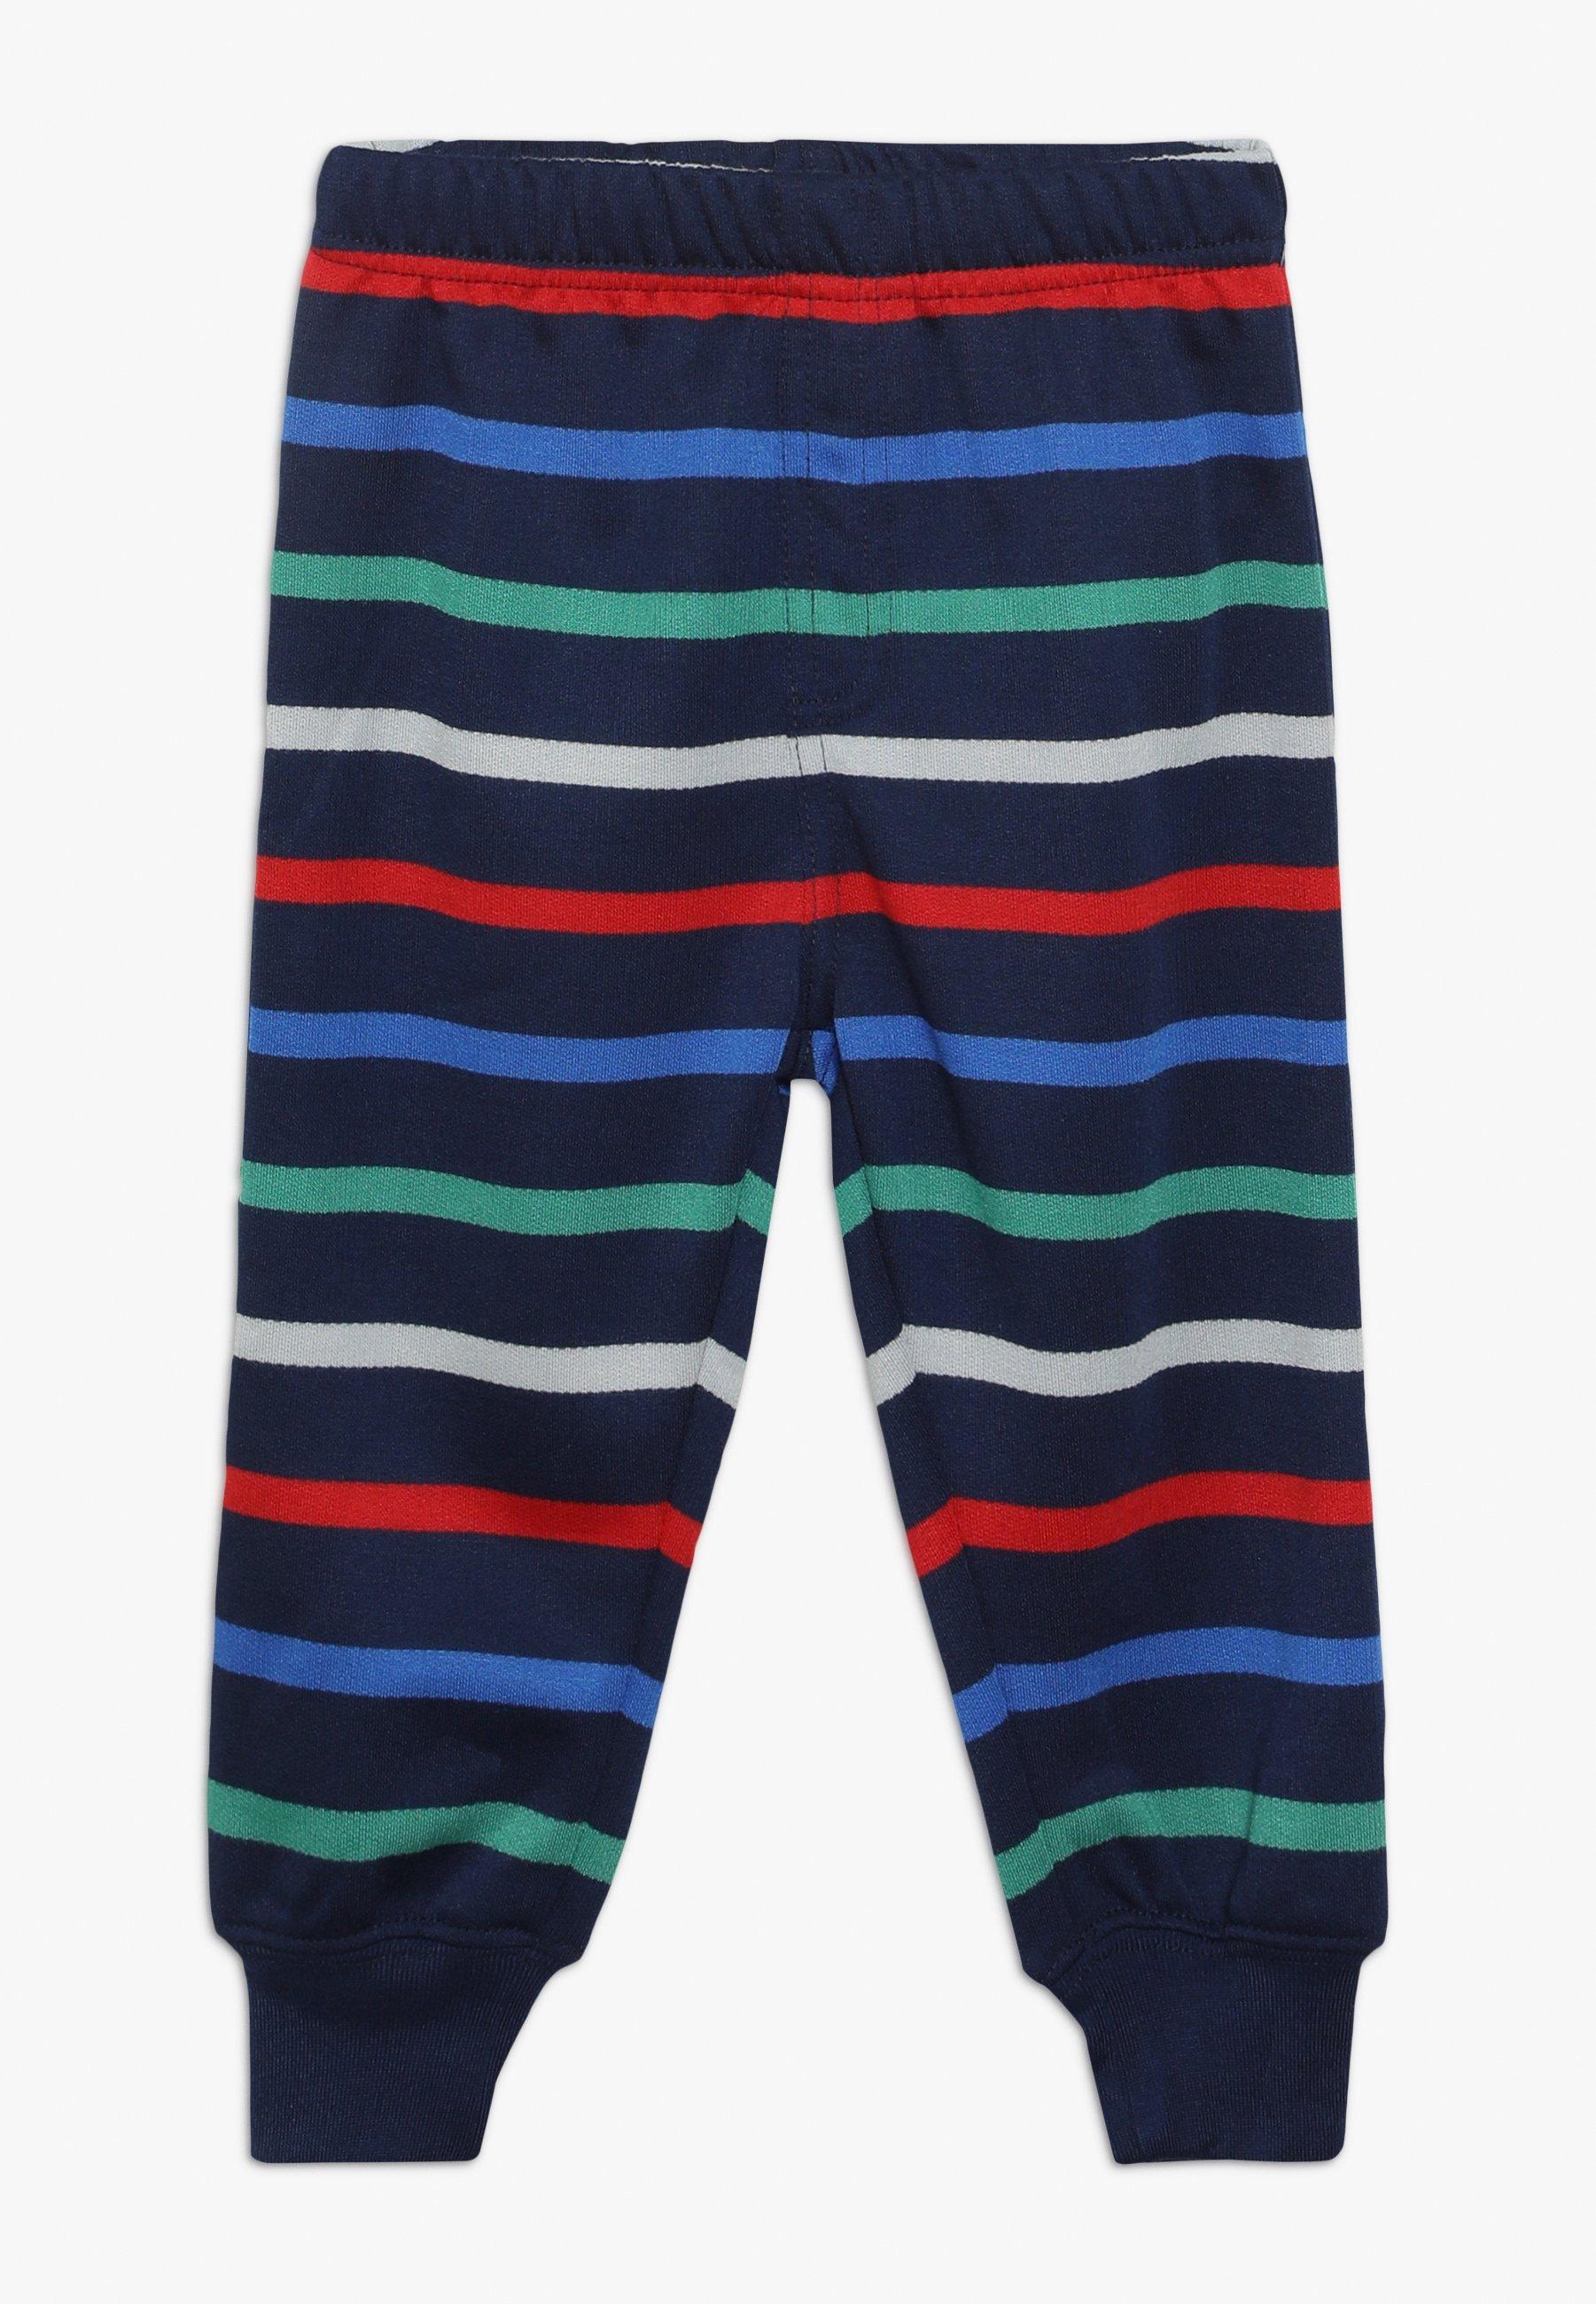 Niesamowita cena Zakupy GAP TODDLER BOY - Piżama - modern red | Dzieci Odzież 2020 lh2jM